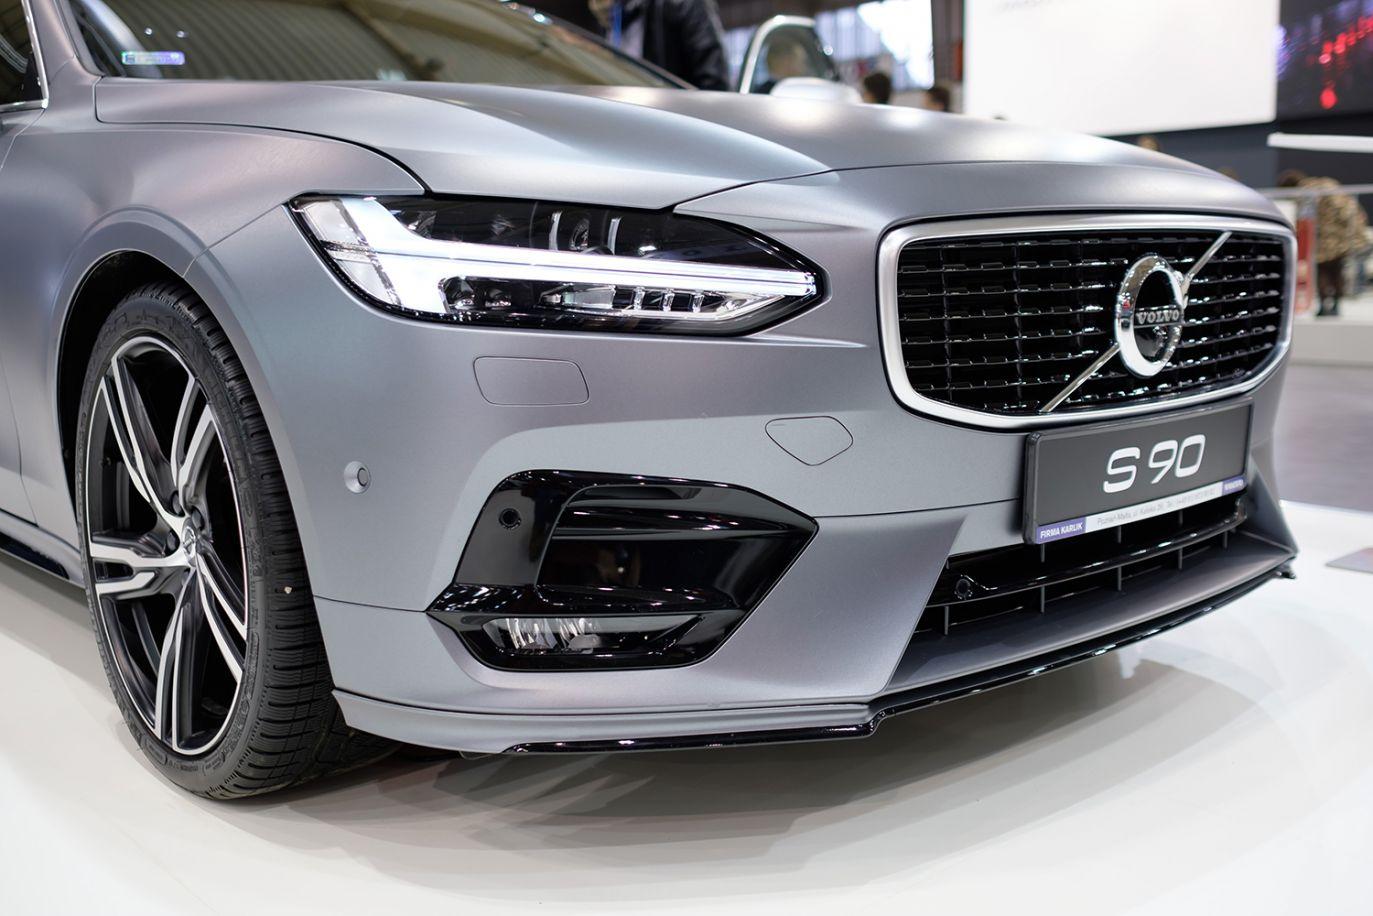 Volvo S90 (fot. arch.PAP/Jakub Kaczmarczyk)